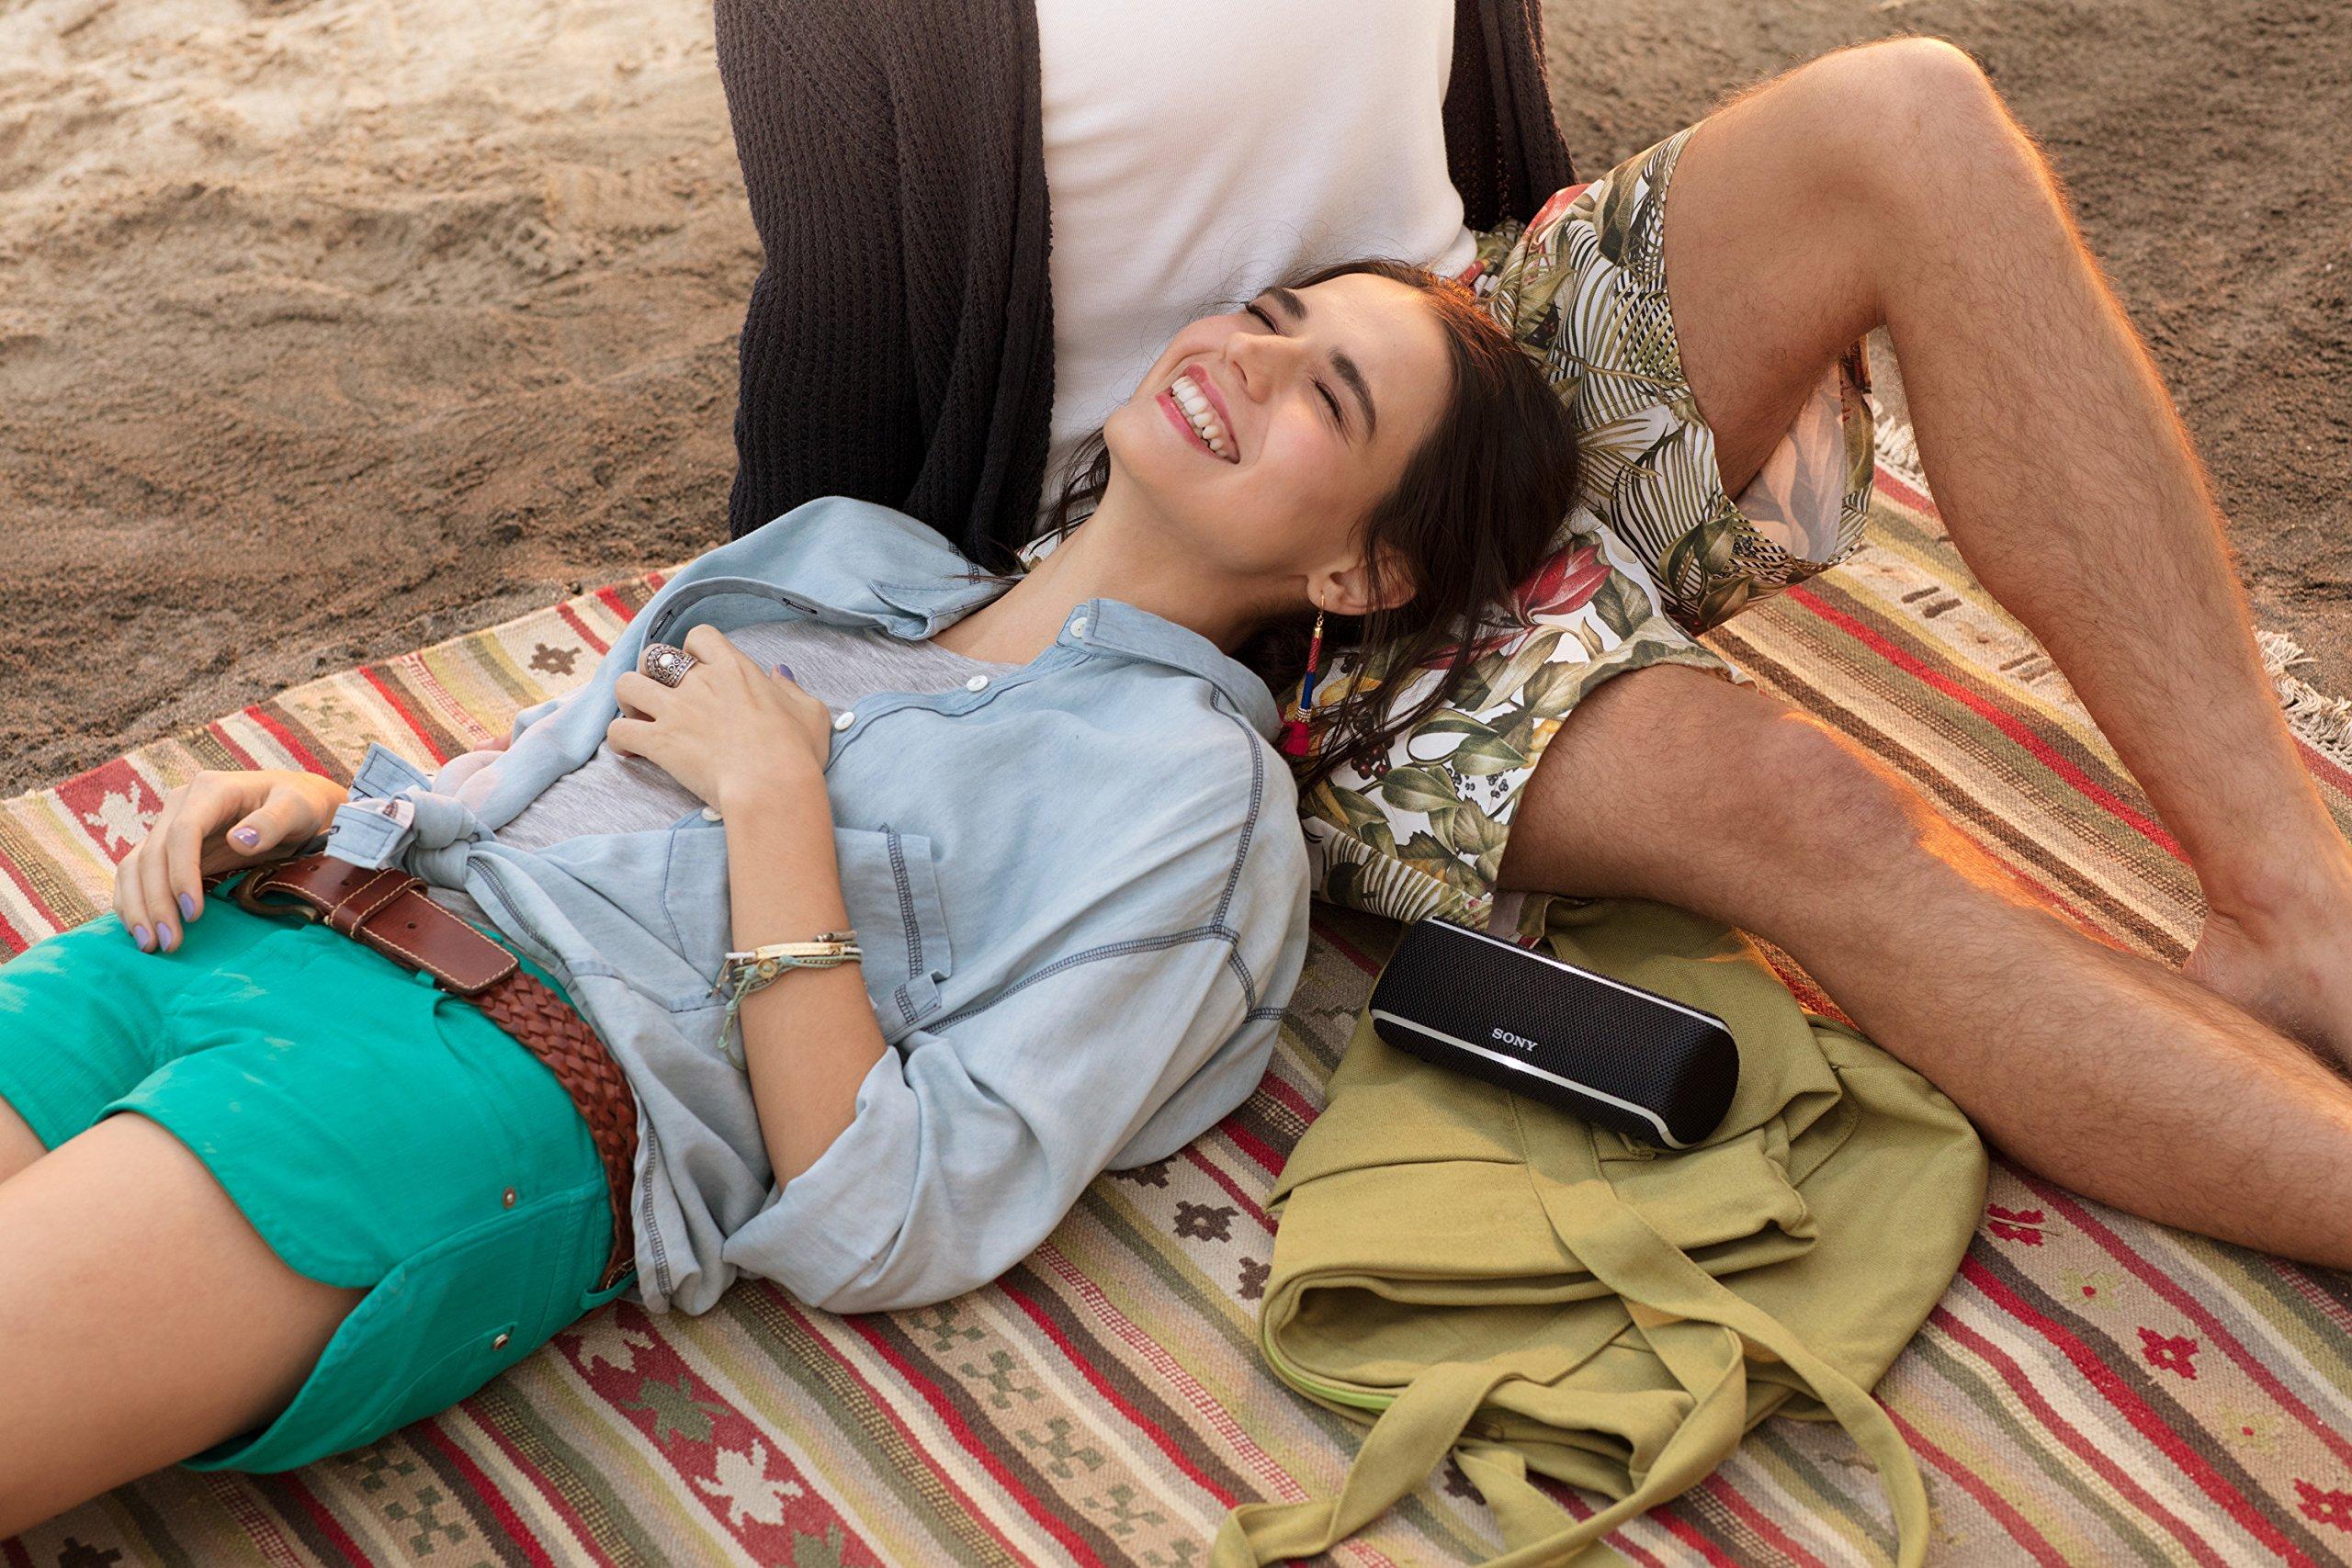 Sony Portable Wireless Waterproof Speaker 7